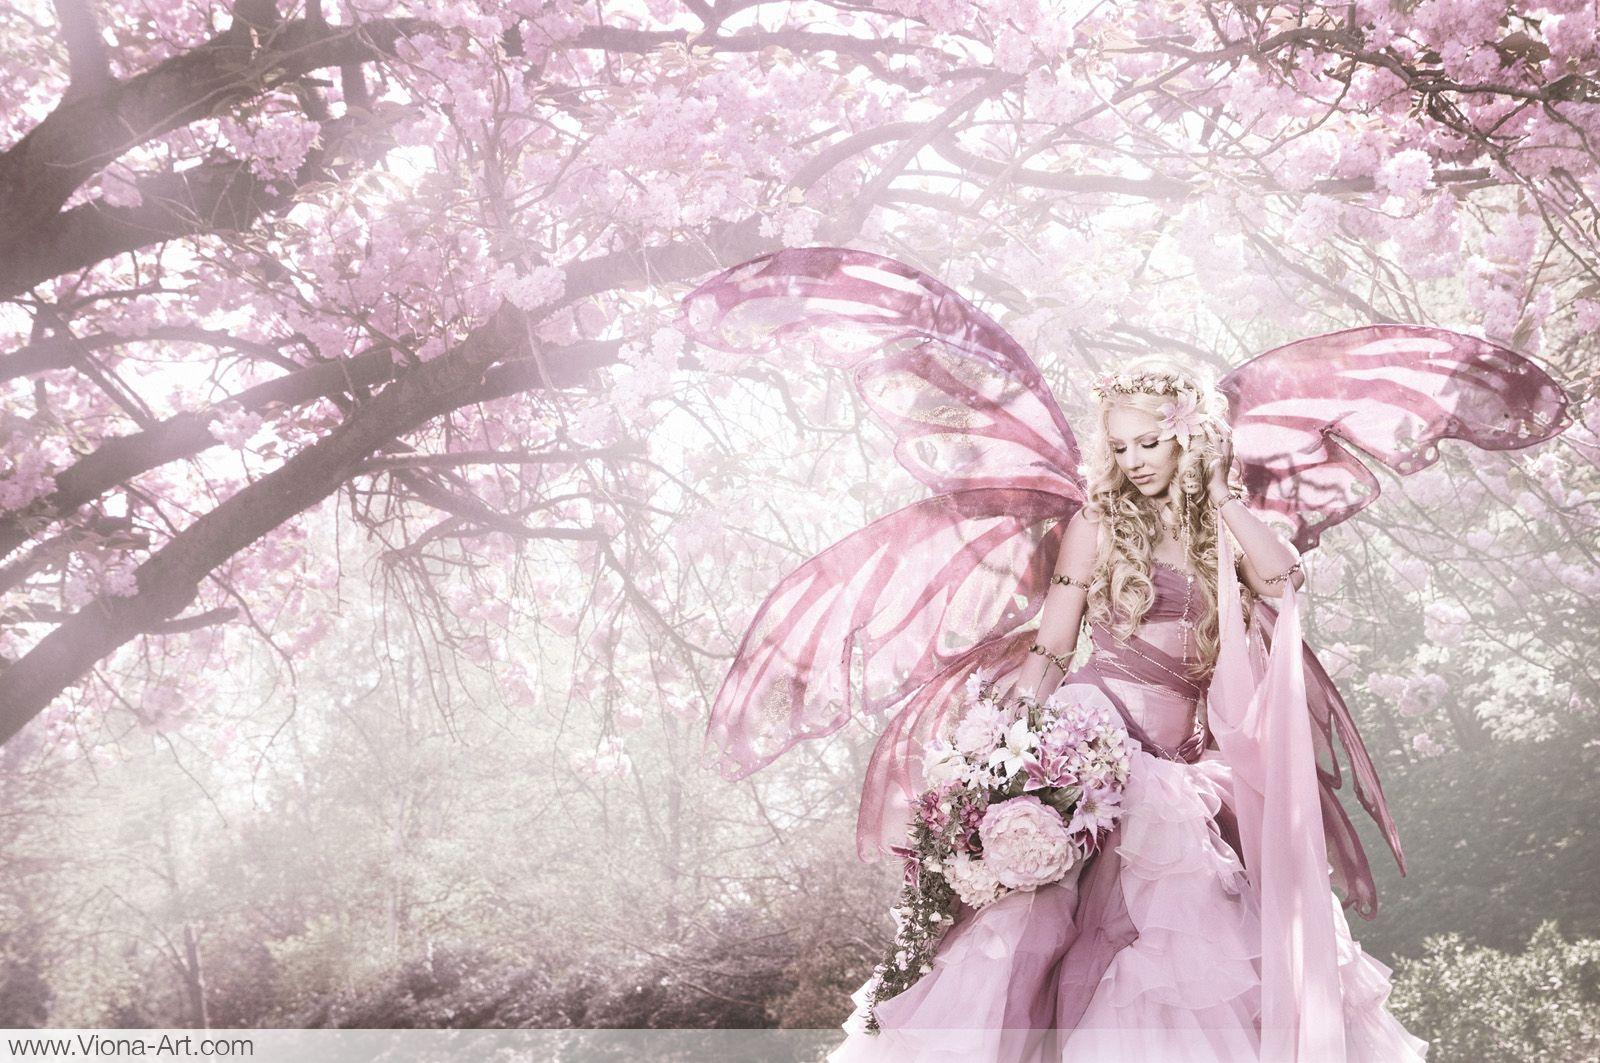 """<font color=""""#ff6600"""">大切な相手との恋愛を大天使が橋渡しをして、永遠なる愛へと成就します。幸せの風を吹かせ、太陽の光りにより愛の祝福を注ぎ、清らかな流れへと導きます。どんなに困難な恋愛も、相手があなた夢中になり幸せな恋愛へと昇華します。『永遠なる愛を授けるラブフェザー』の持ち主が望む愛へと導かれます。片想い、両想い、結婚、夫婦愛、復縁、不倫成就など様々なかたちを永遠なる愛で包みます。</font>"""